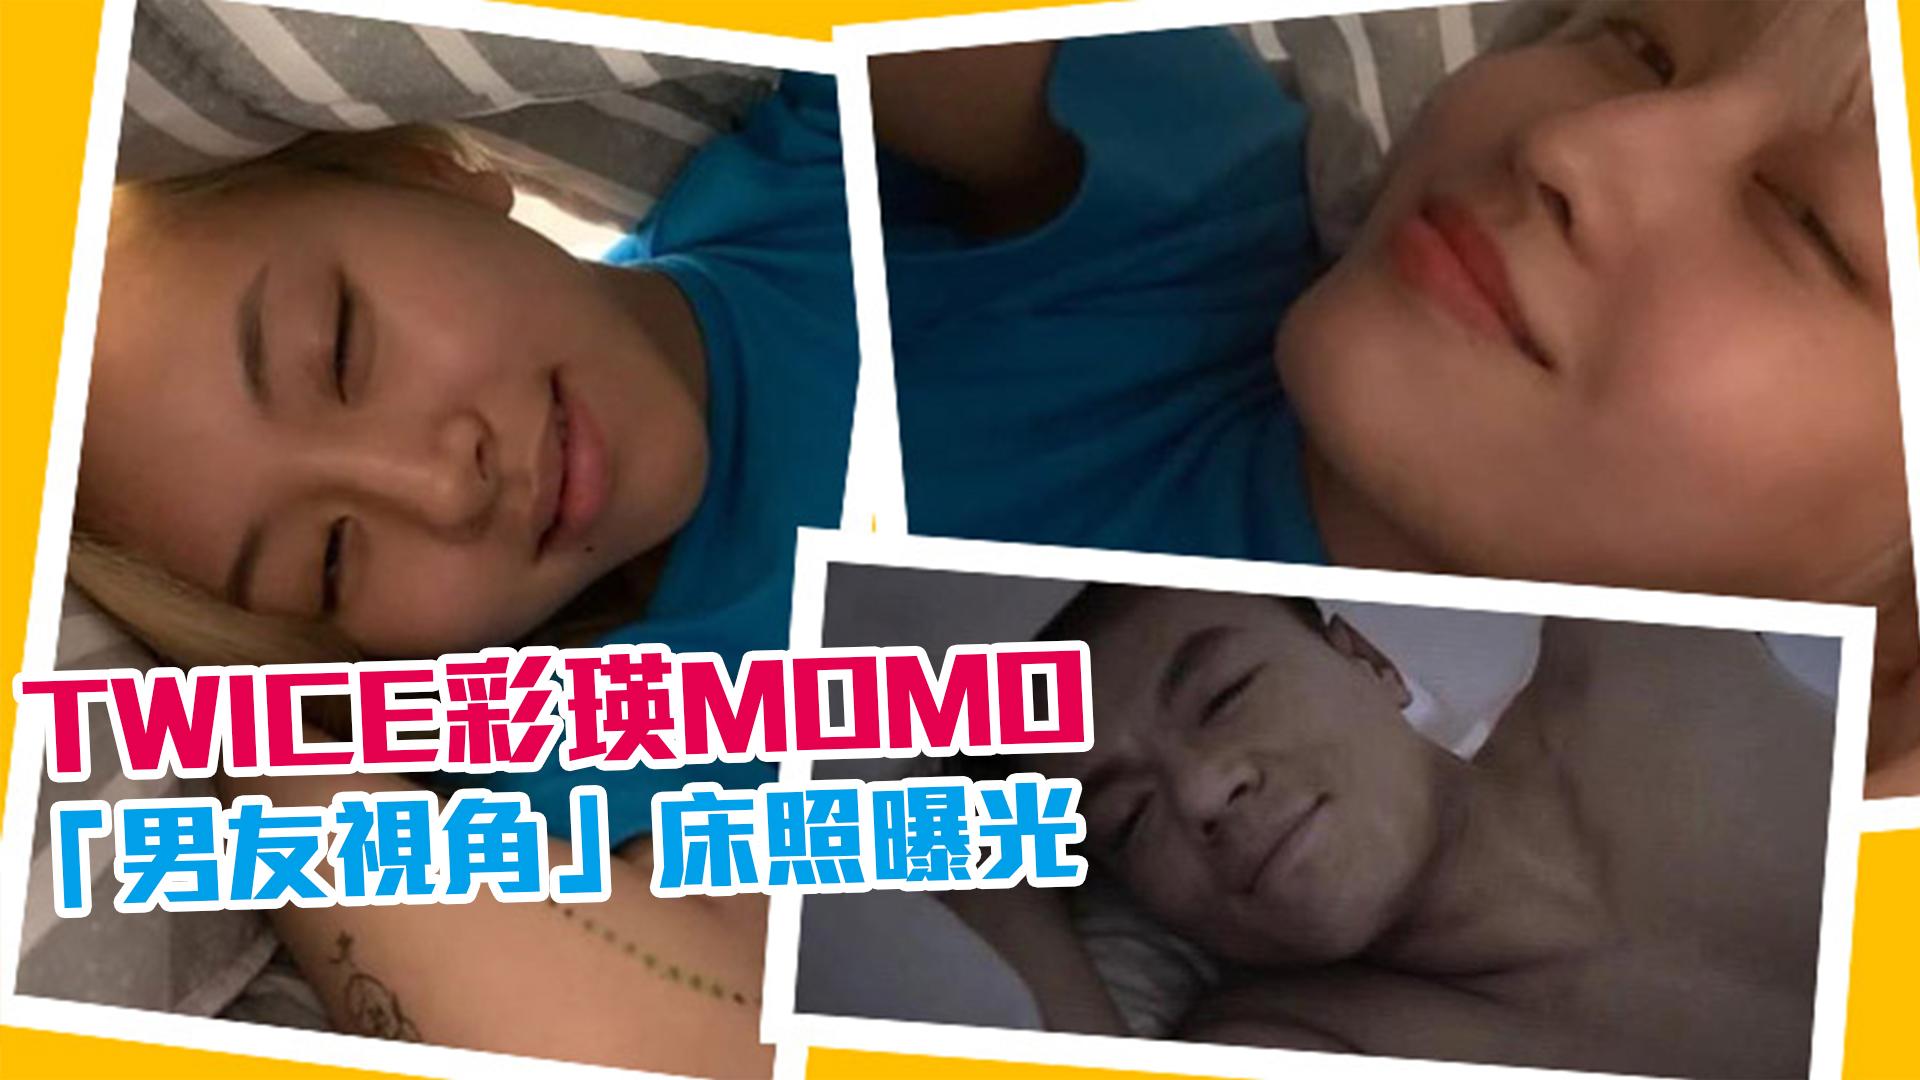 TWICE彩瑛MOMO「男友視角」床照曝光